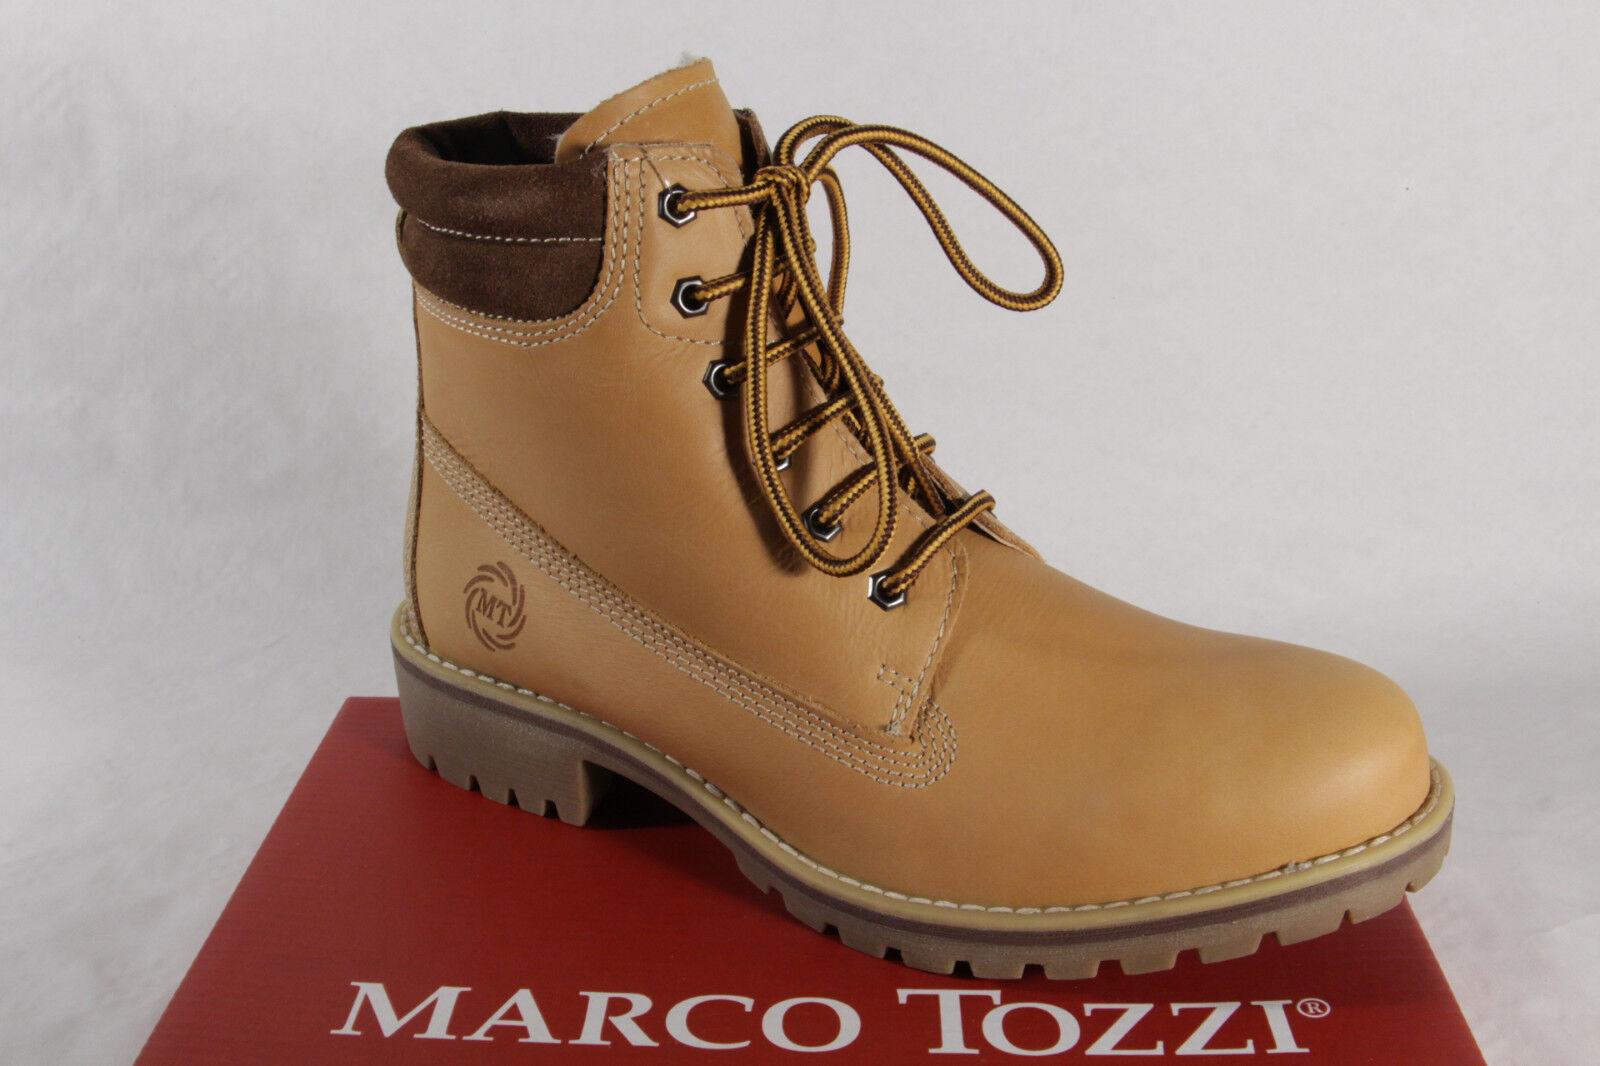 Marco Tozzi 26226 Botas mujer, Botines, Botas Cuero Auténtico Amarillo NUEVO